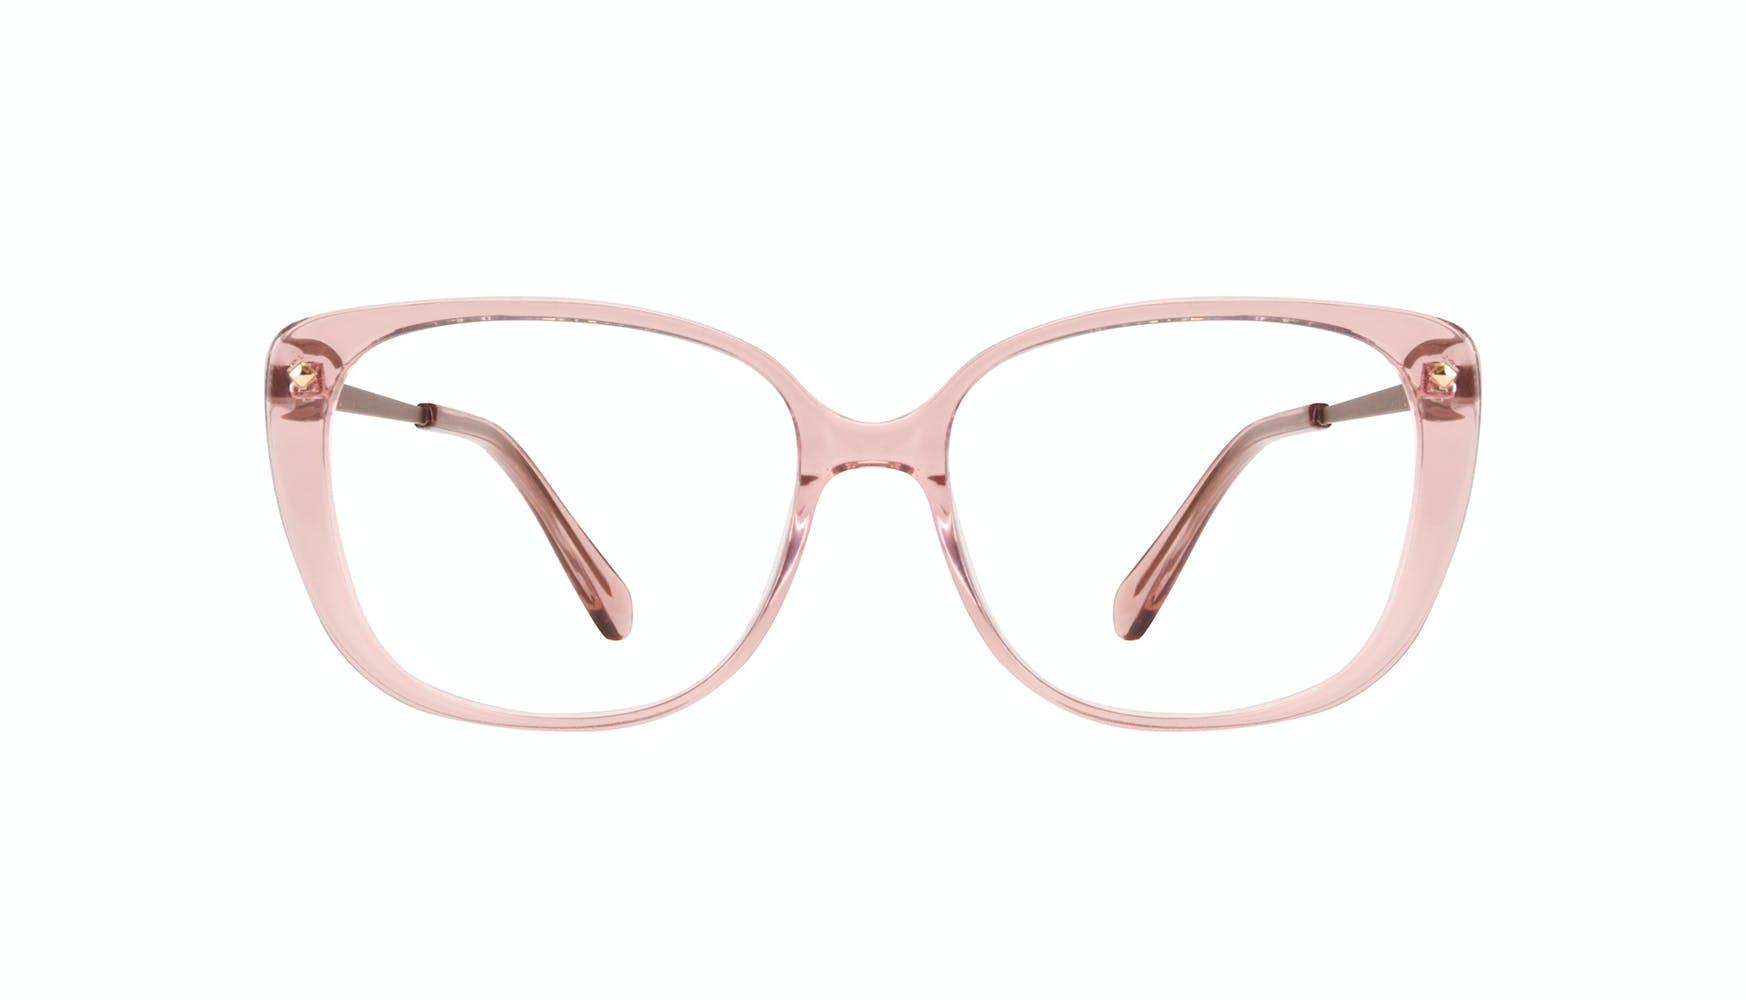 Lunettes tendance Carrée Lunettes de vue Femmes Japonisme rose